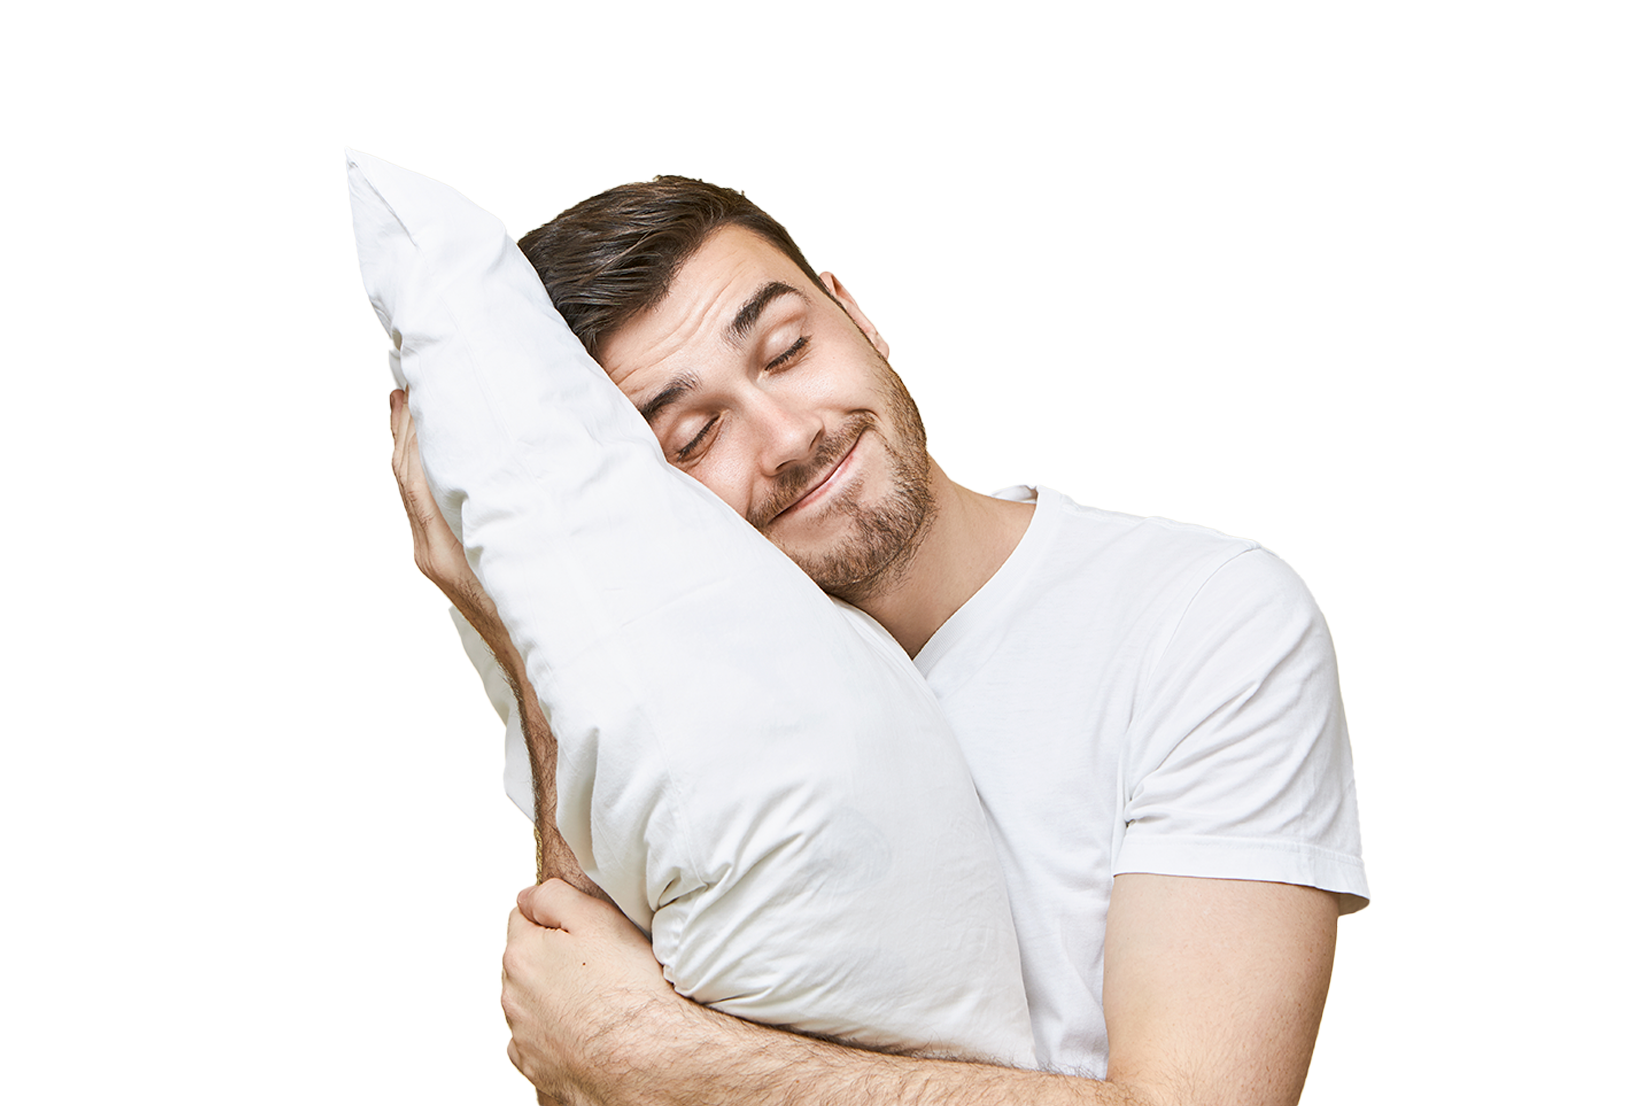 Você conhece as quatro etapas do sono? (Imagem/Reprodução)